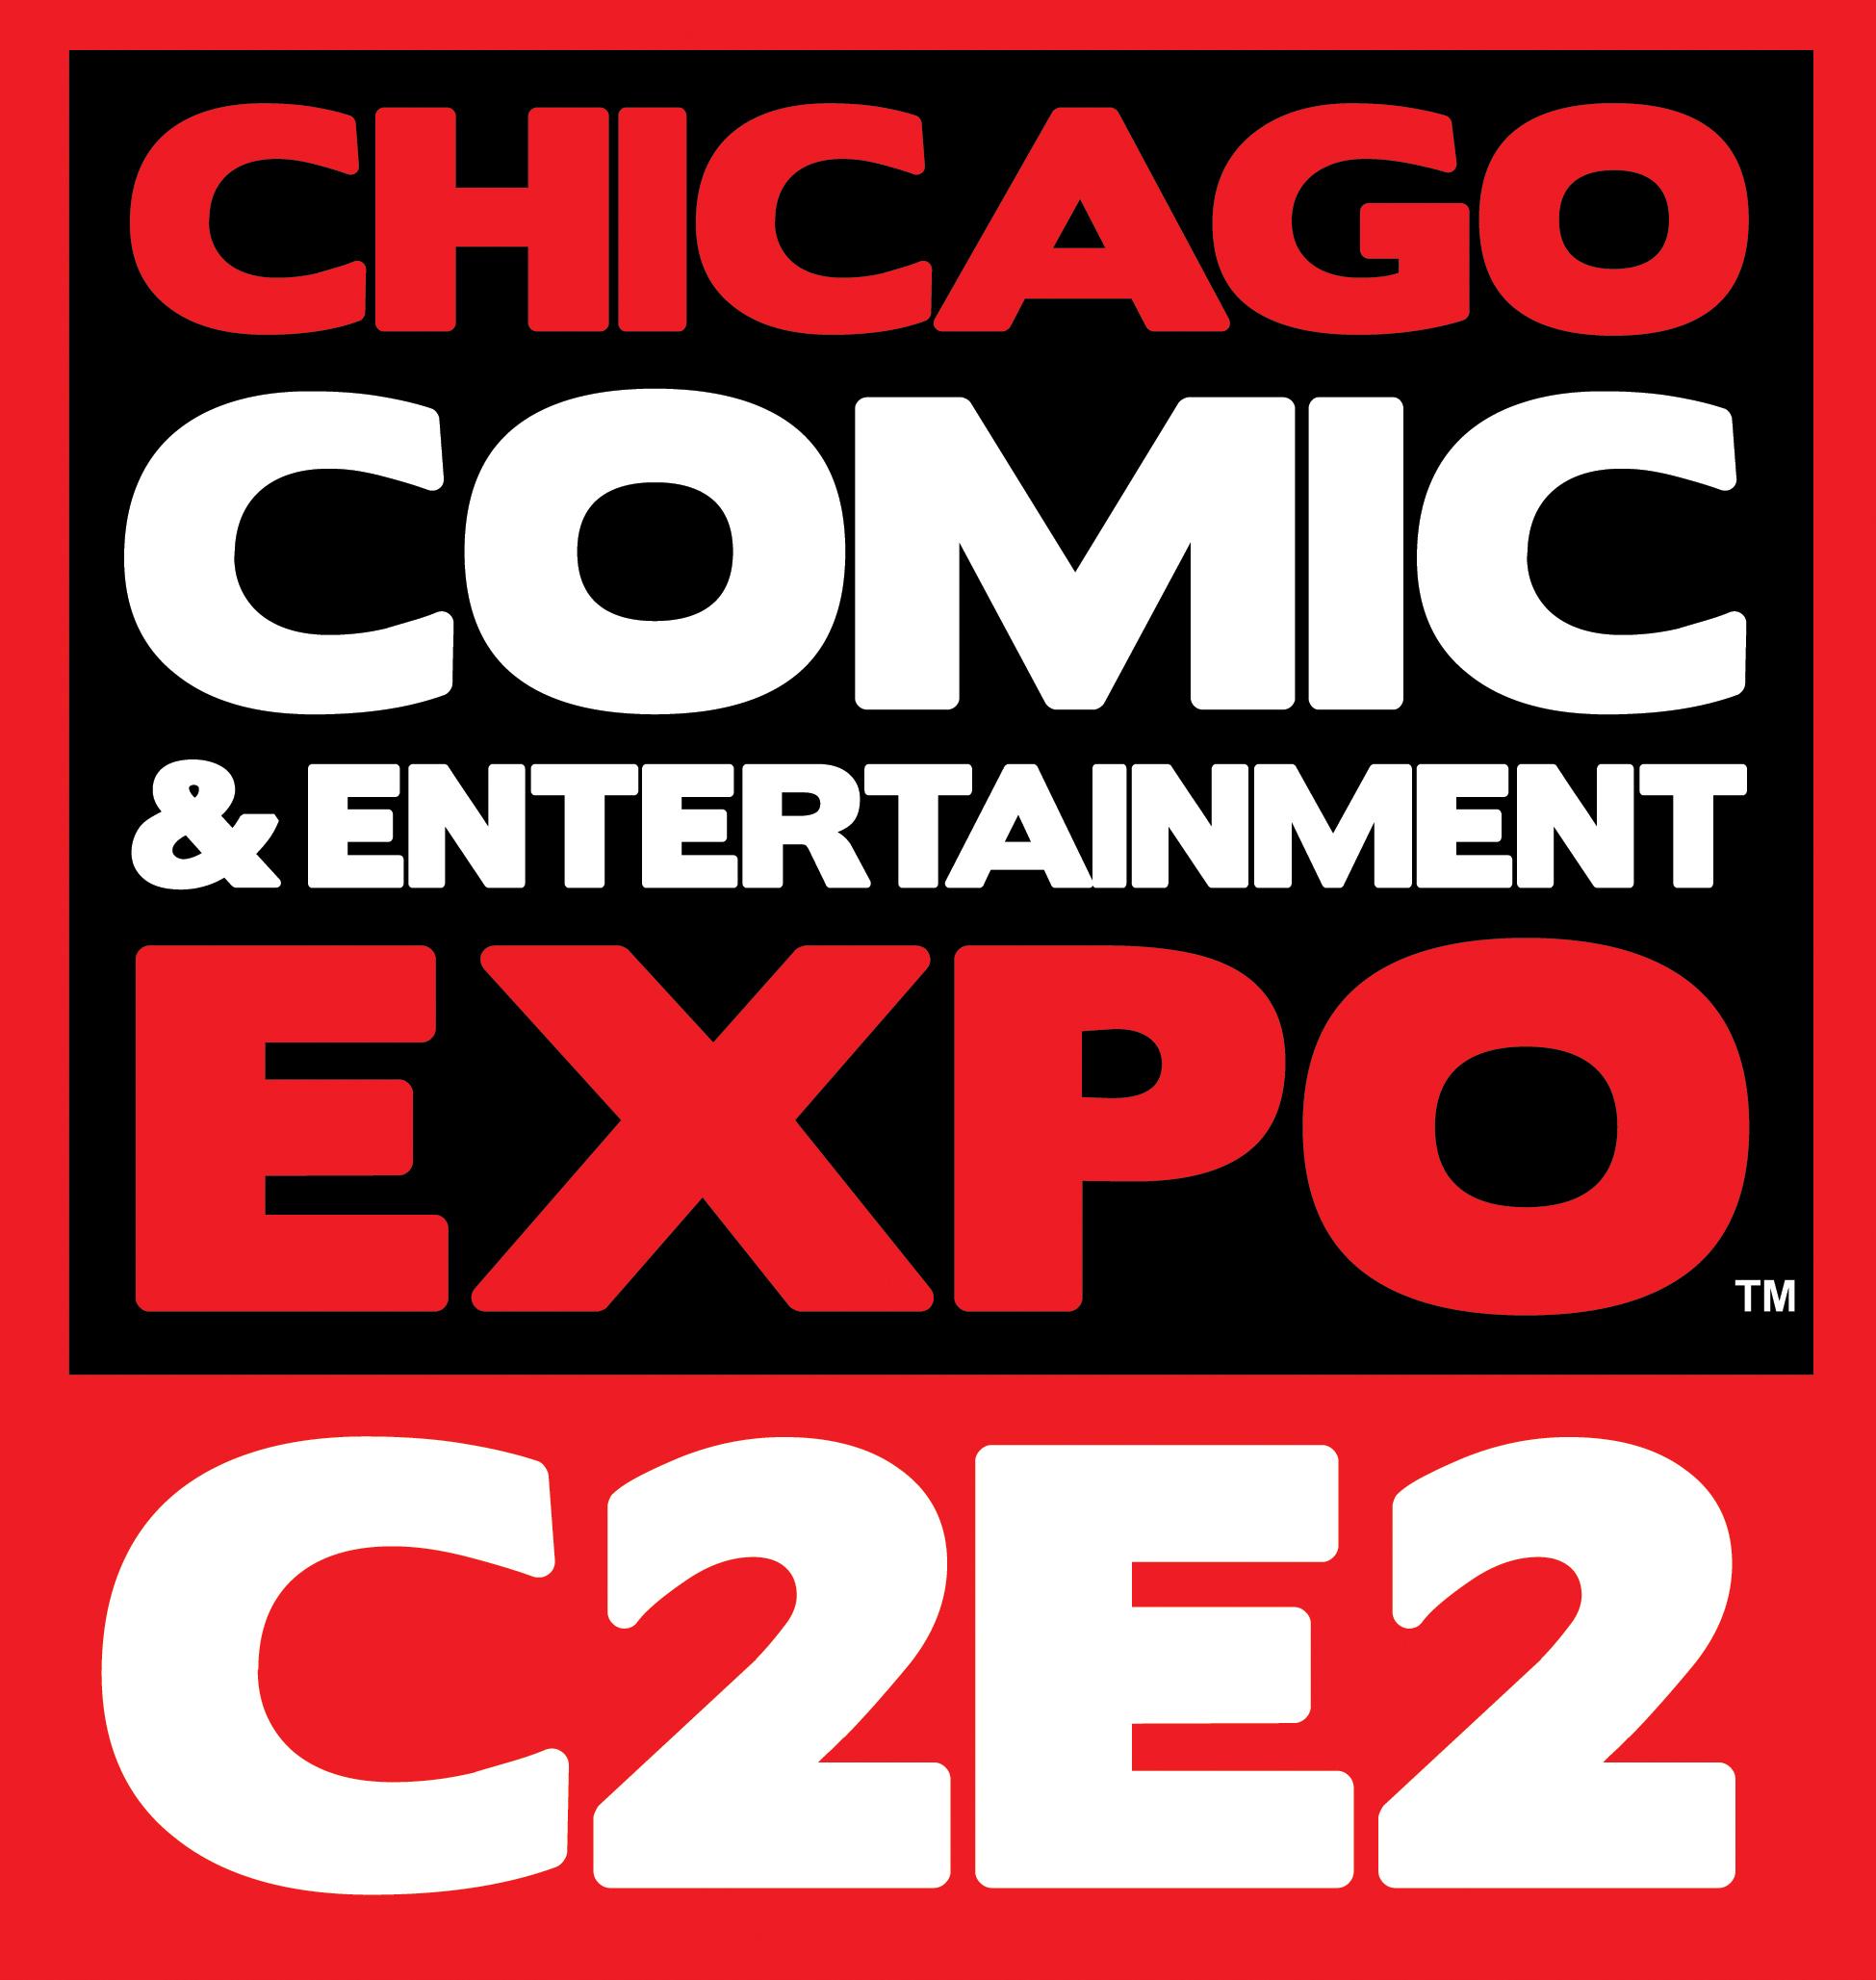 Chicago Comic Expo